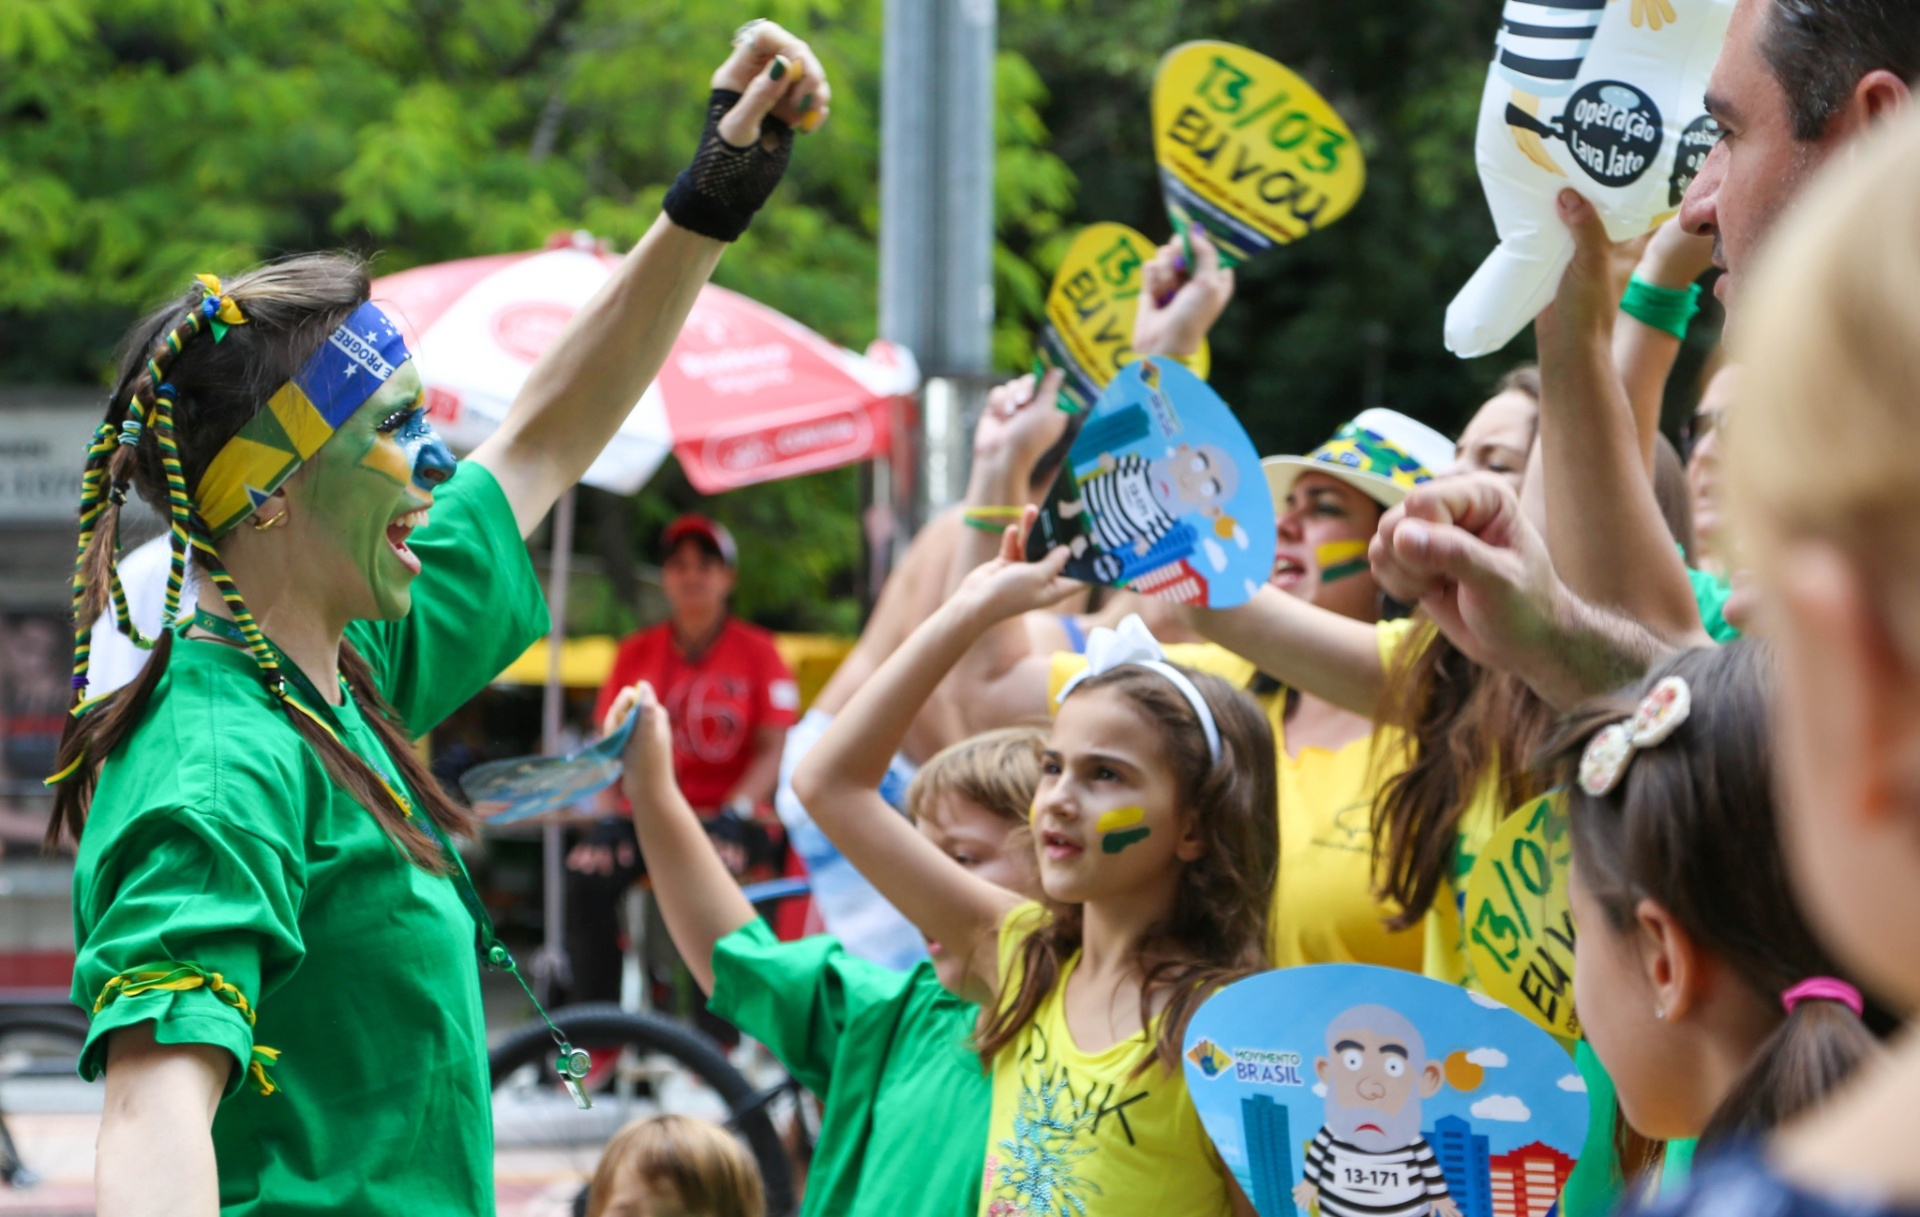 6.mar.2016 - Cerca de 50 pessoas fizeram um protesto na tarde desse domingo contra o ex-presidente Luiz Inácio Lula da Silva em frente ao Masp, na avenida Paulista, em São Paulo. O grupo cantou e dançou várias coreografias